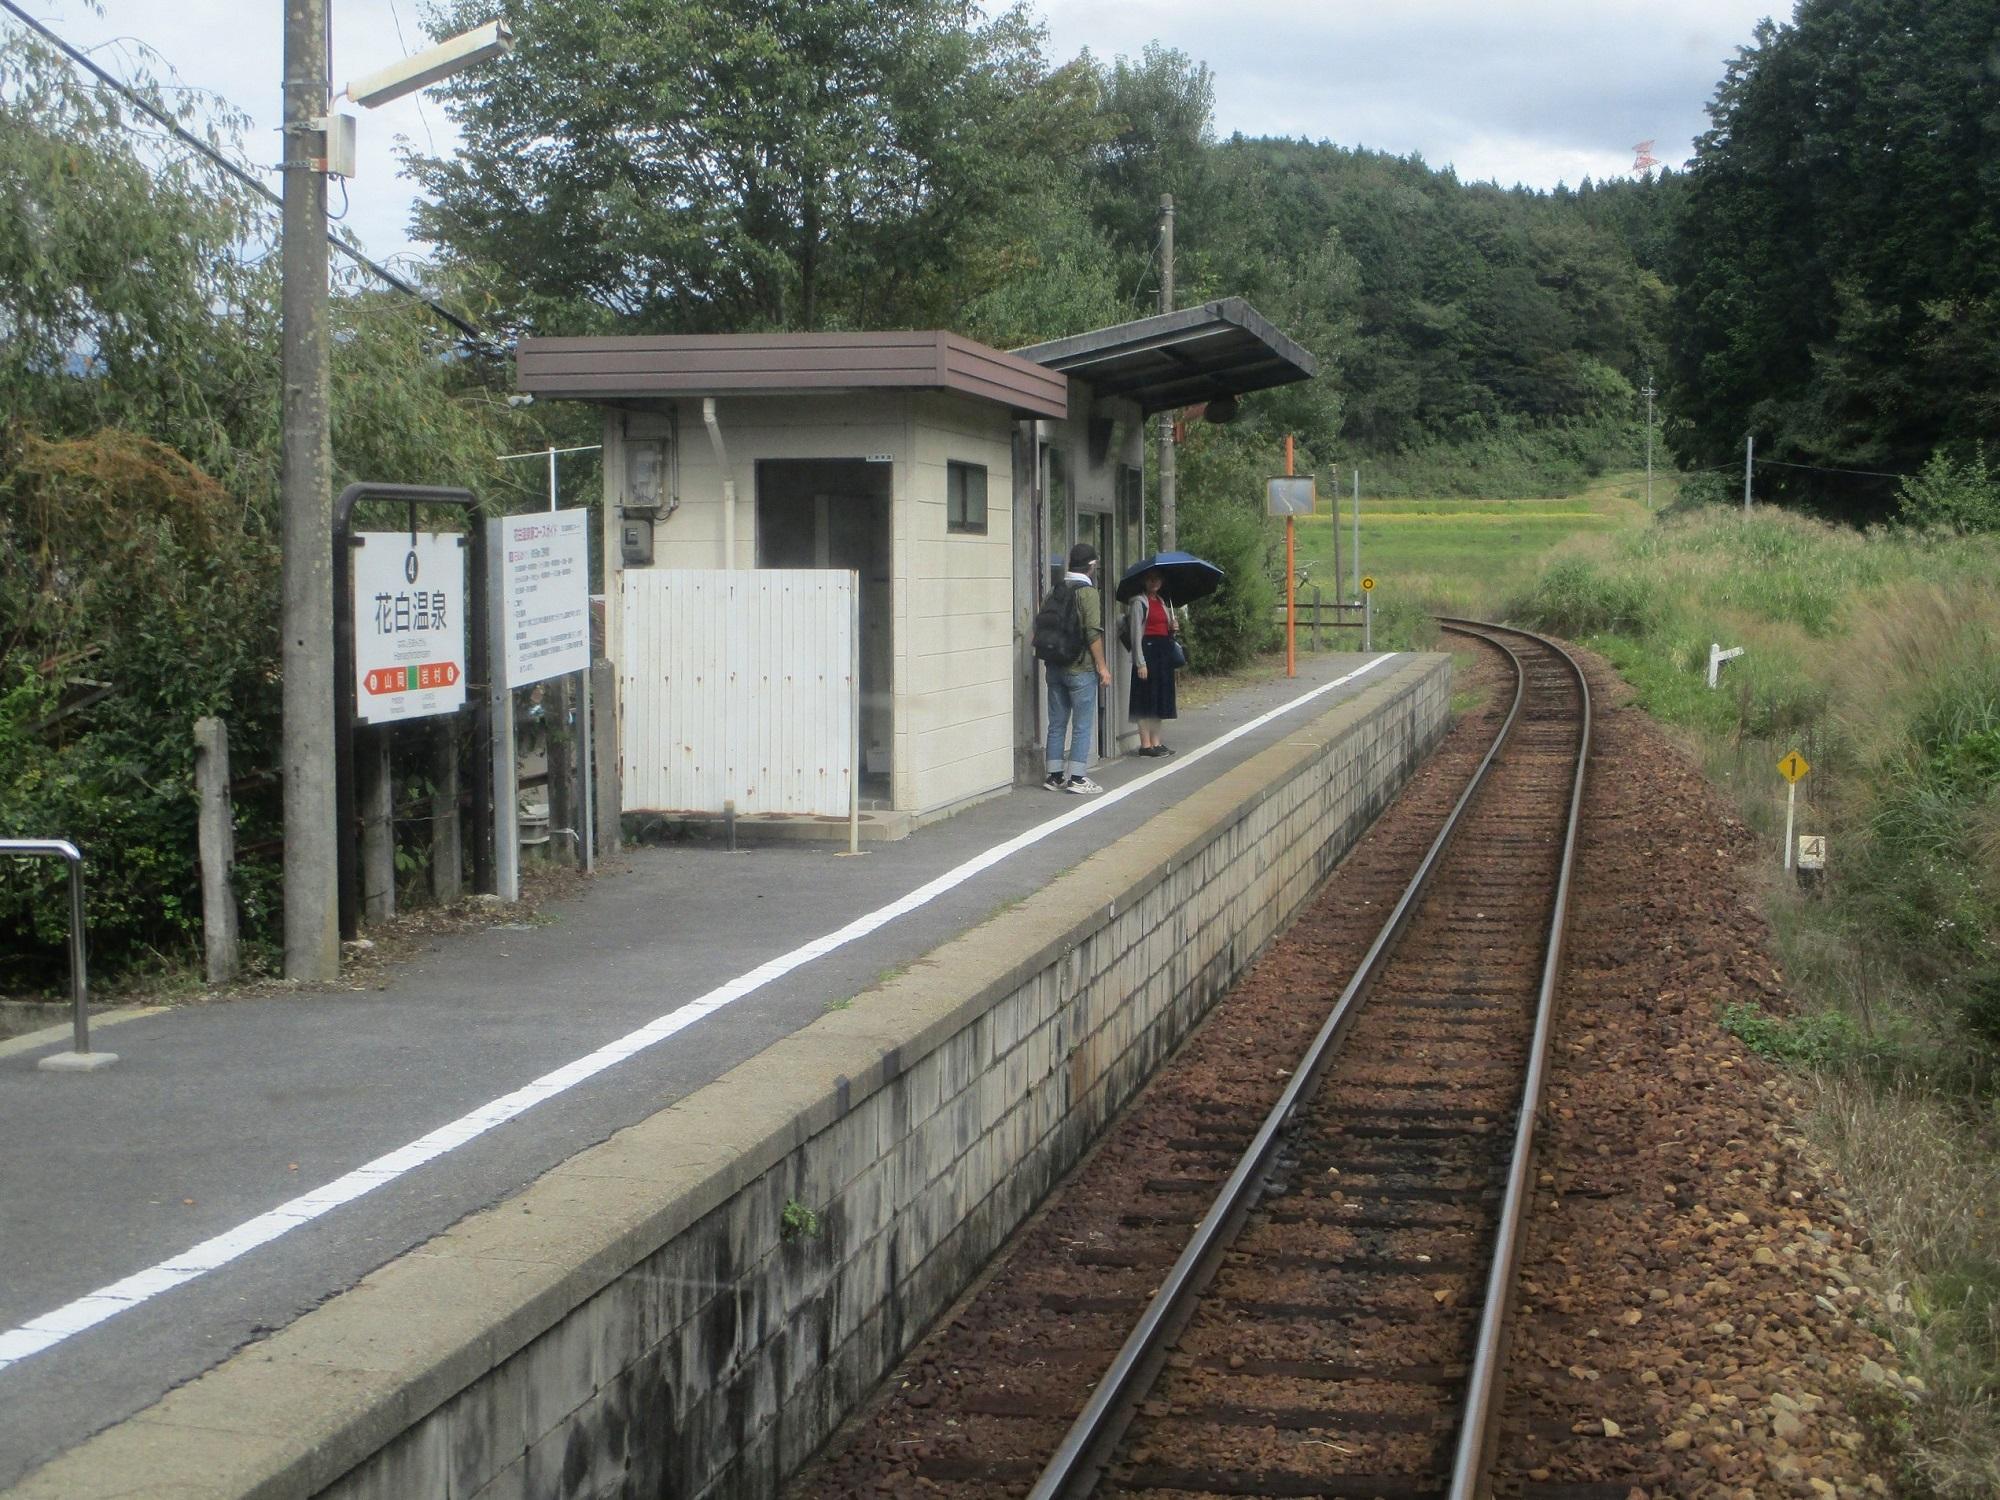 2019.9.22 (23) 恵那いきふつう - 花白温泉 2000-1500